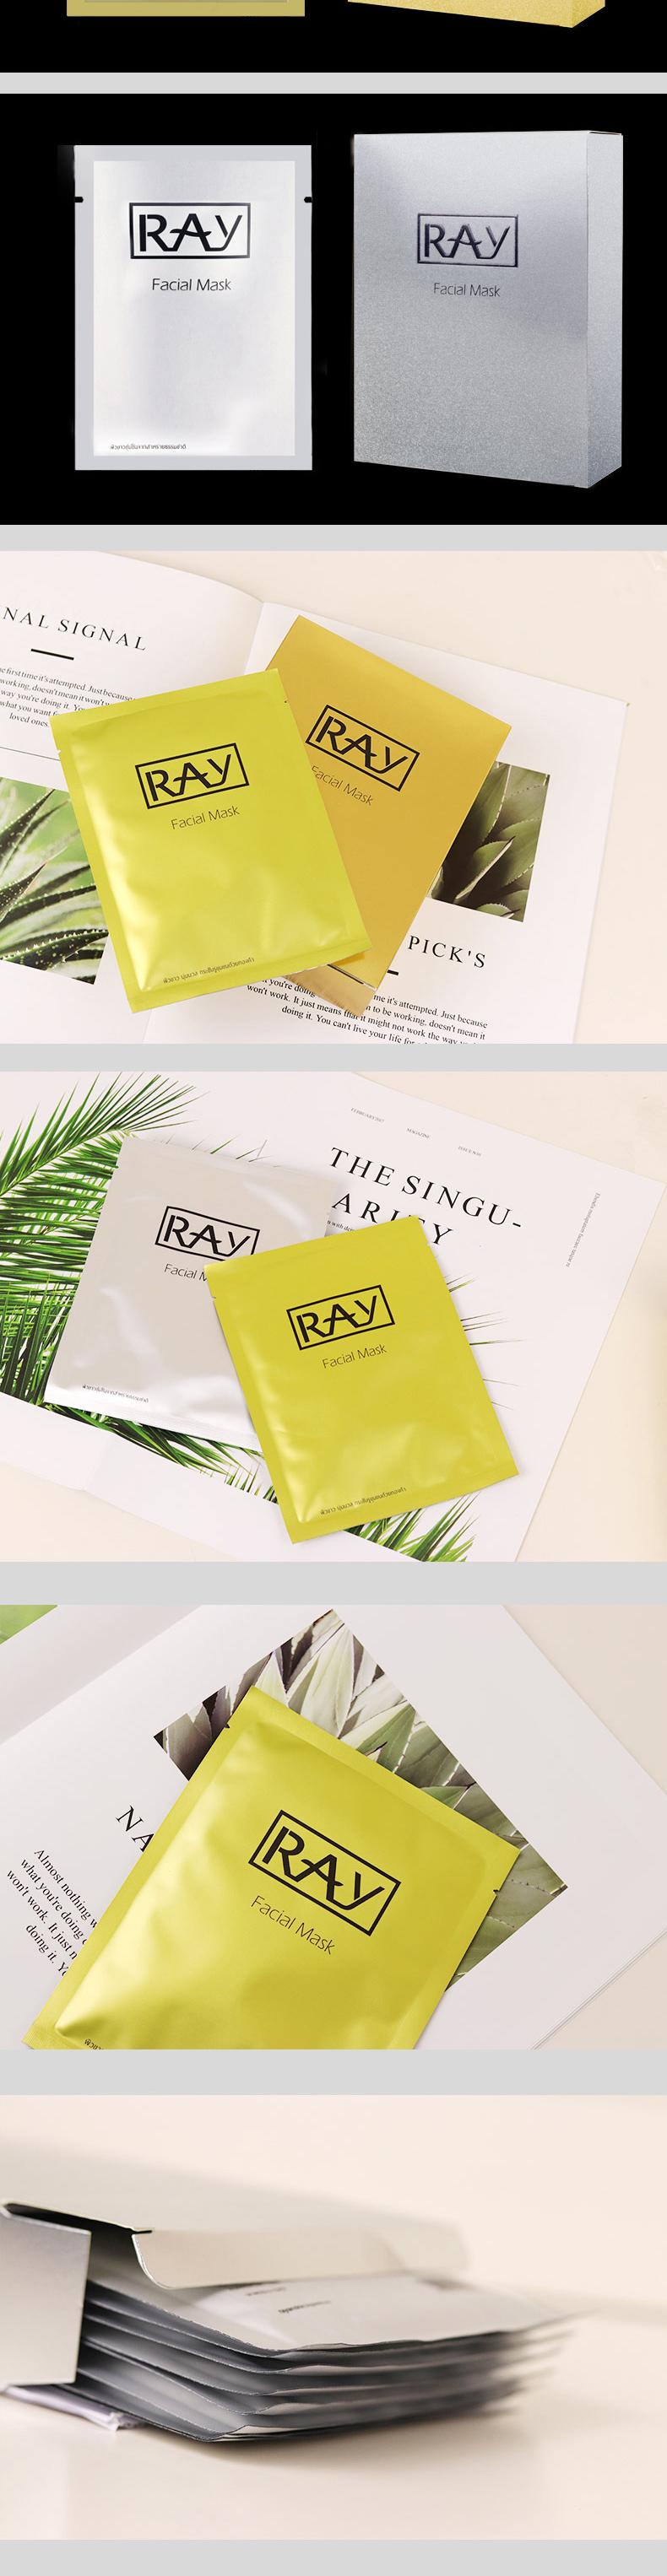 【预售2月3日发货】 RAY 妆蕾 补水面膜 10片/盒